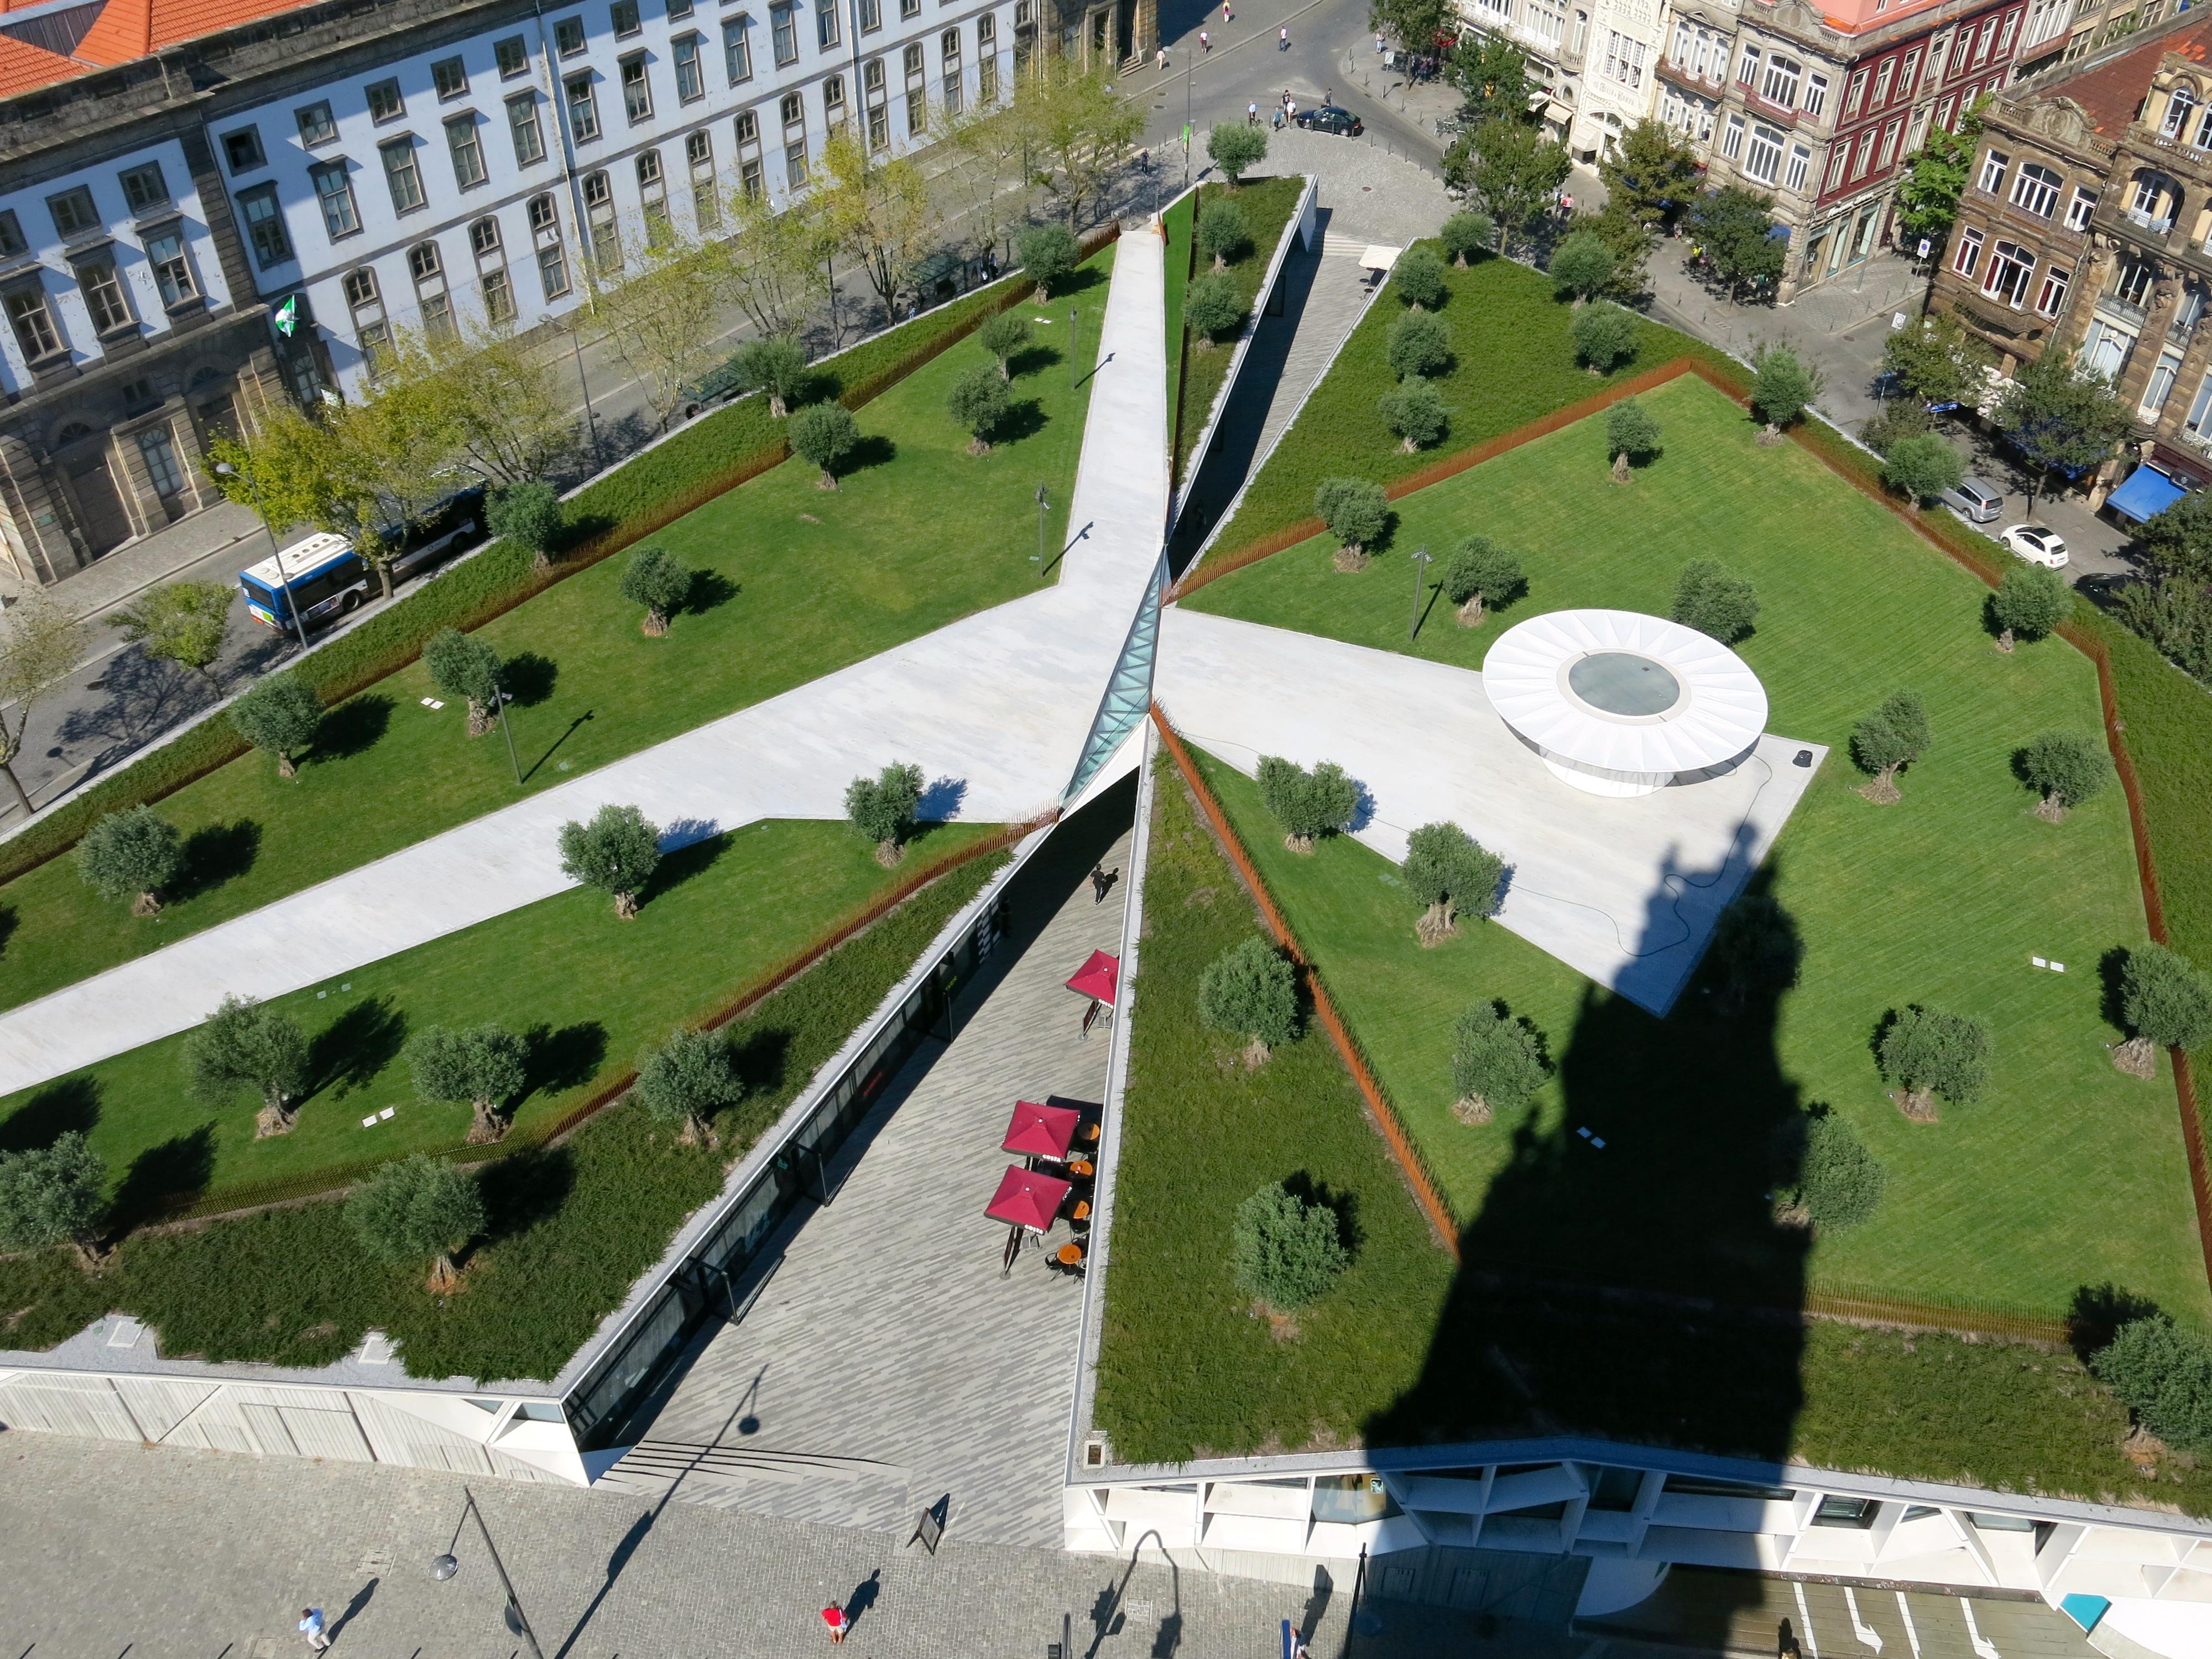 Cobertura verde na Praça de Lisboa, no Porto / Wikimedia commons